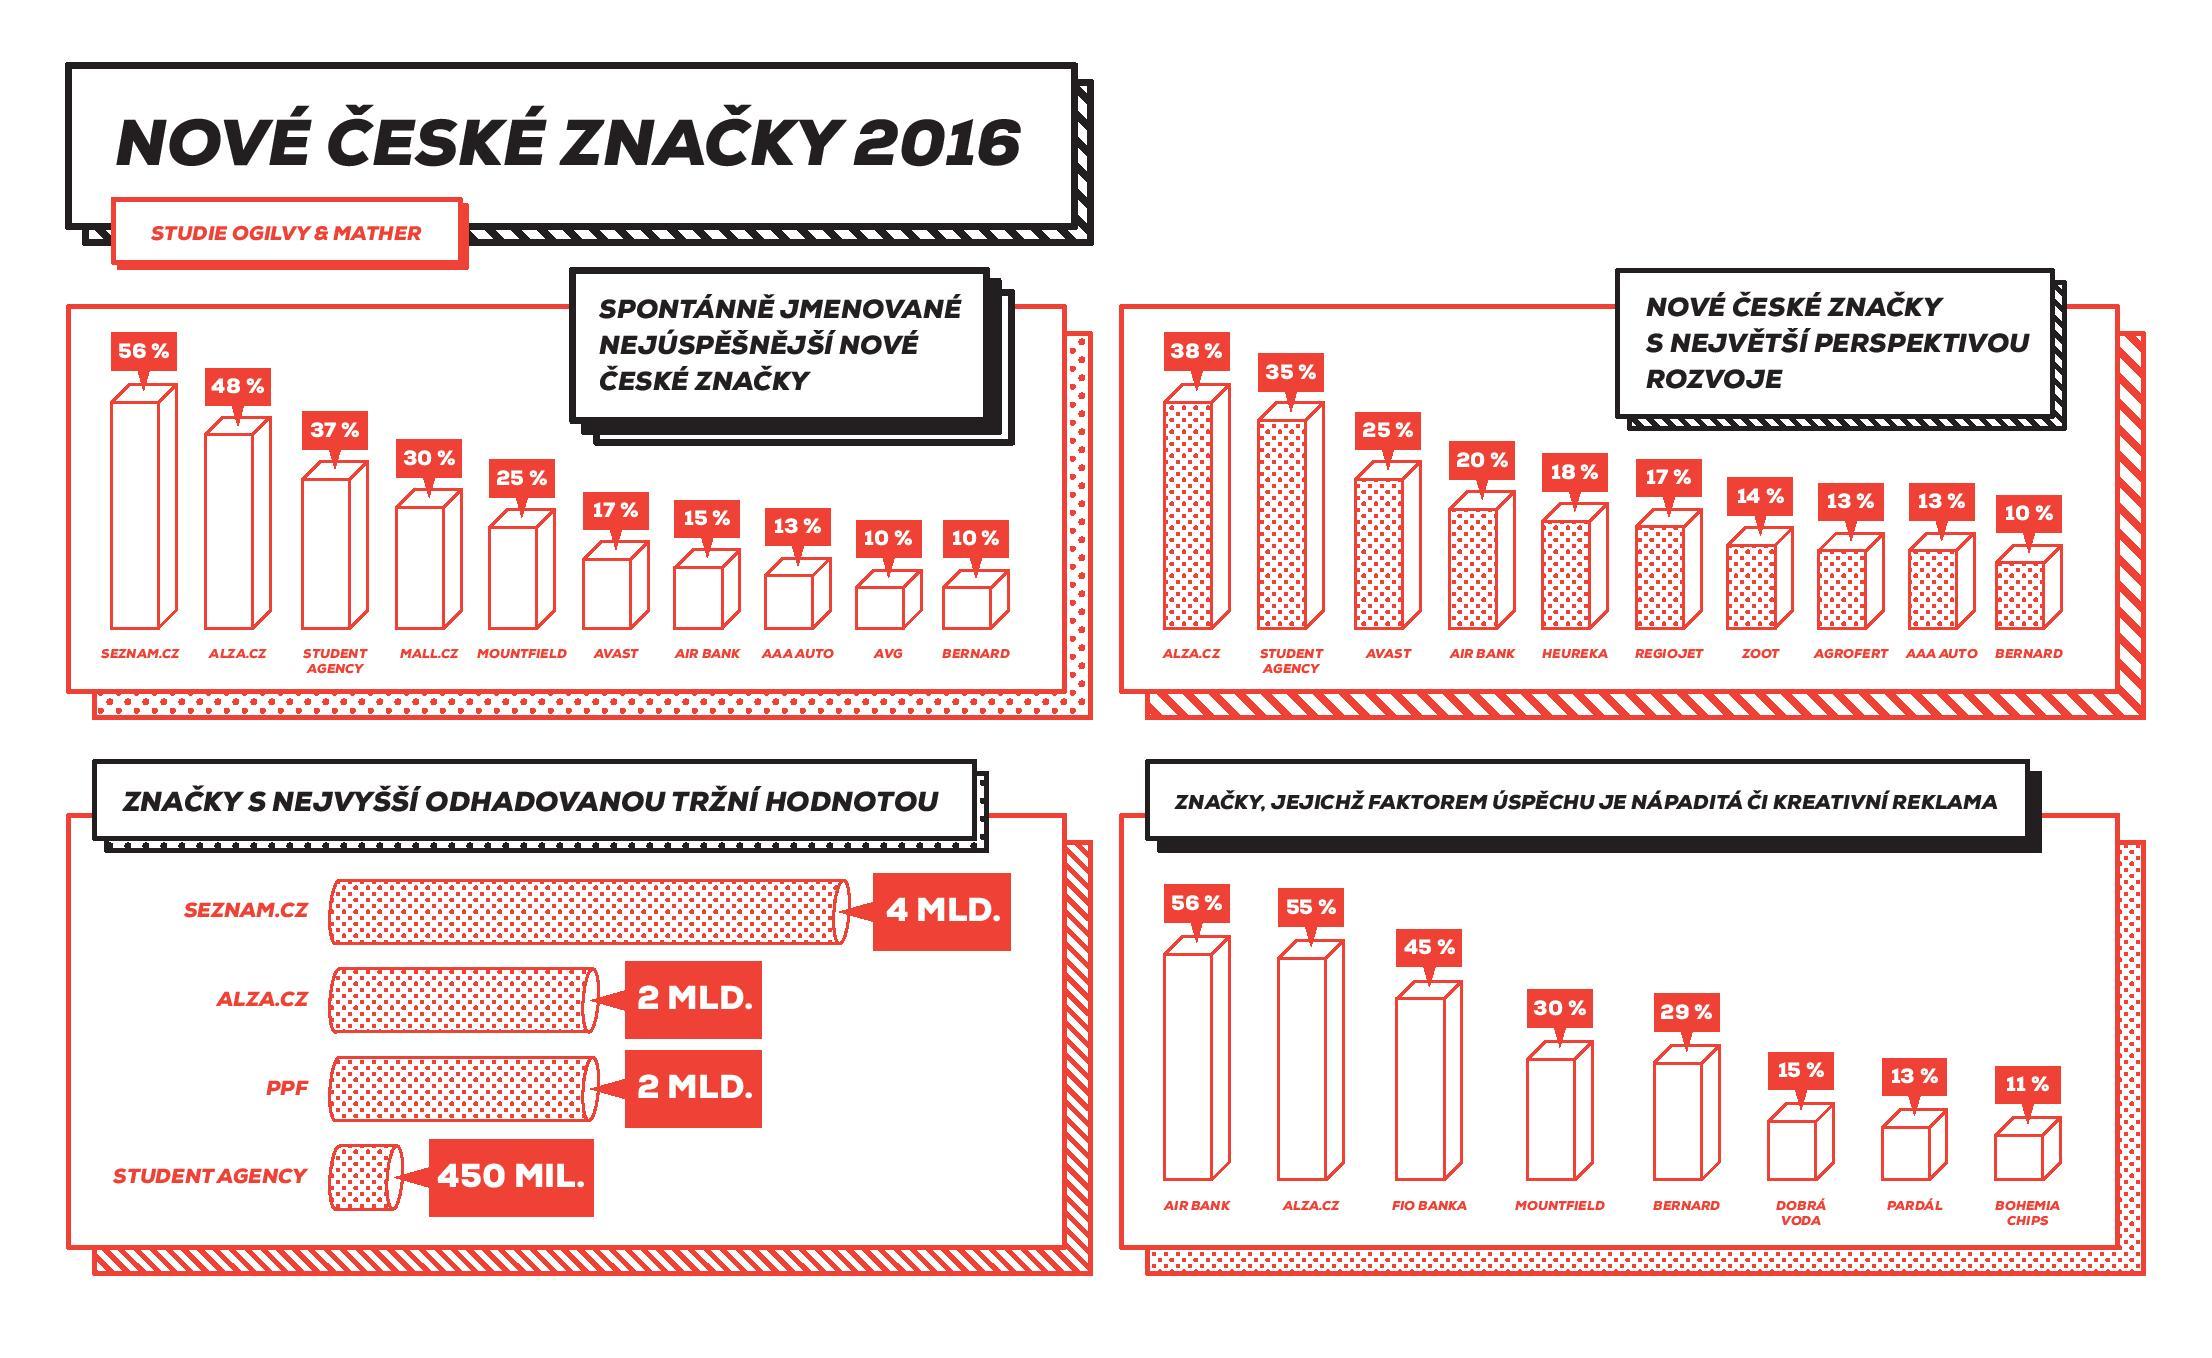 Nové české značky 2016. Zdroj: Studie Ogilvy & Mather, leden 2016